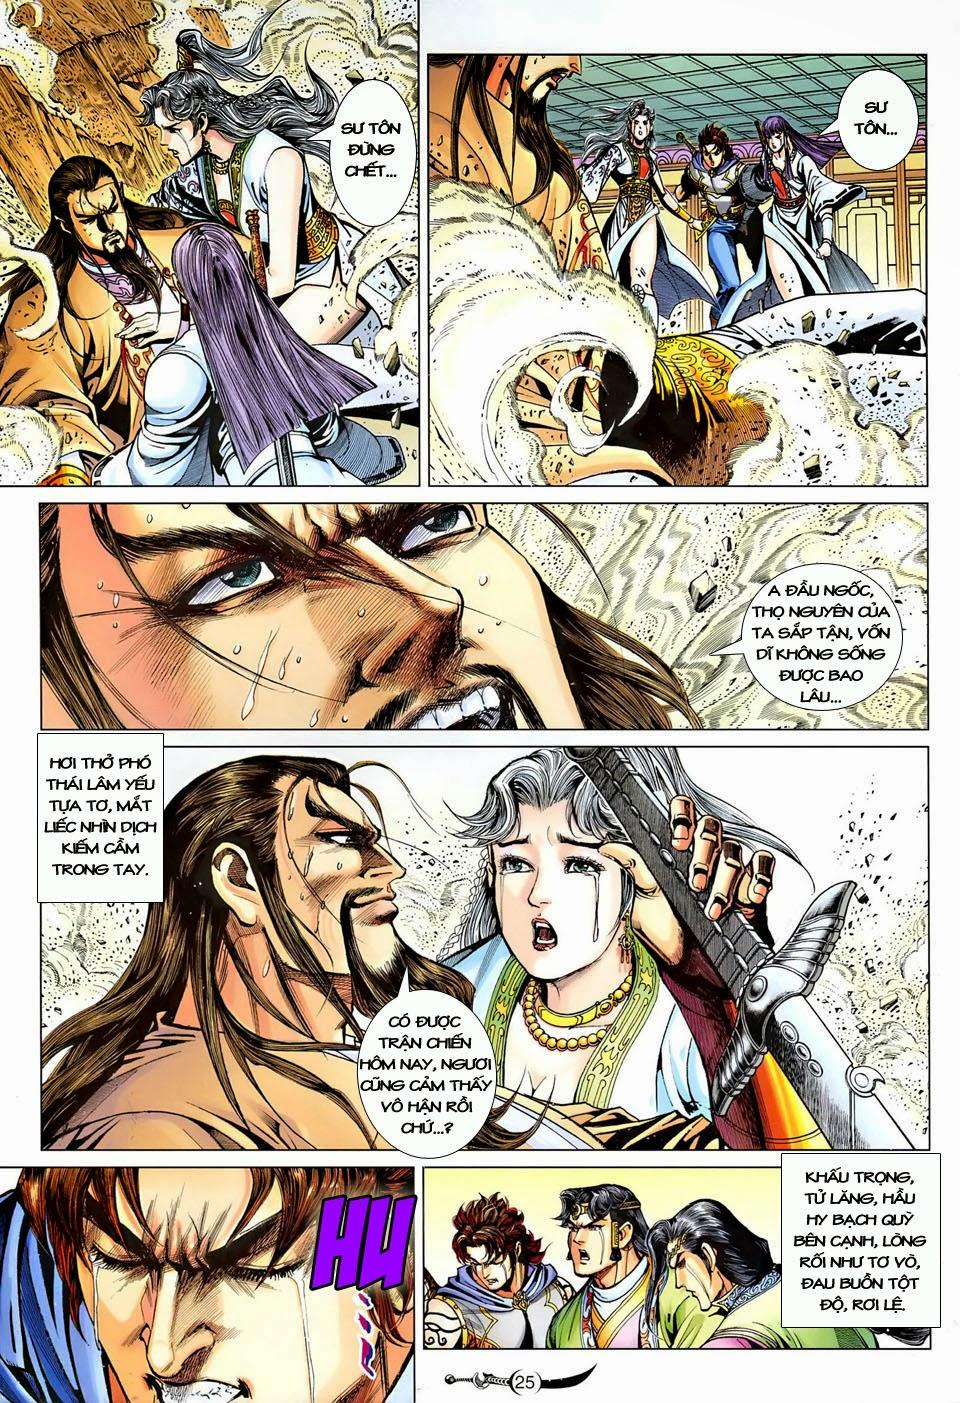 Đại Đường Song Long Truyện chap 250 - Trang 25